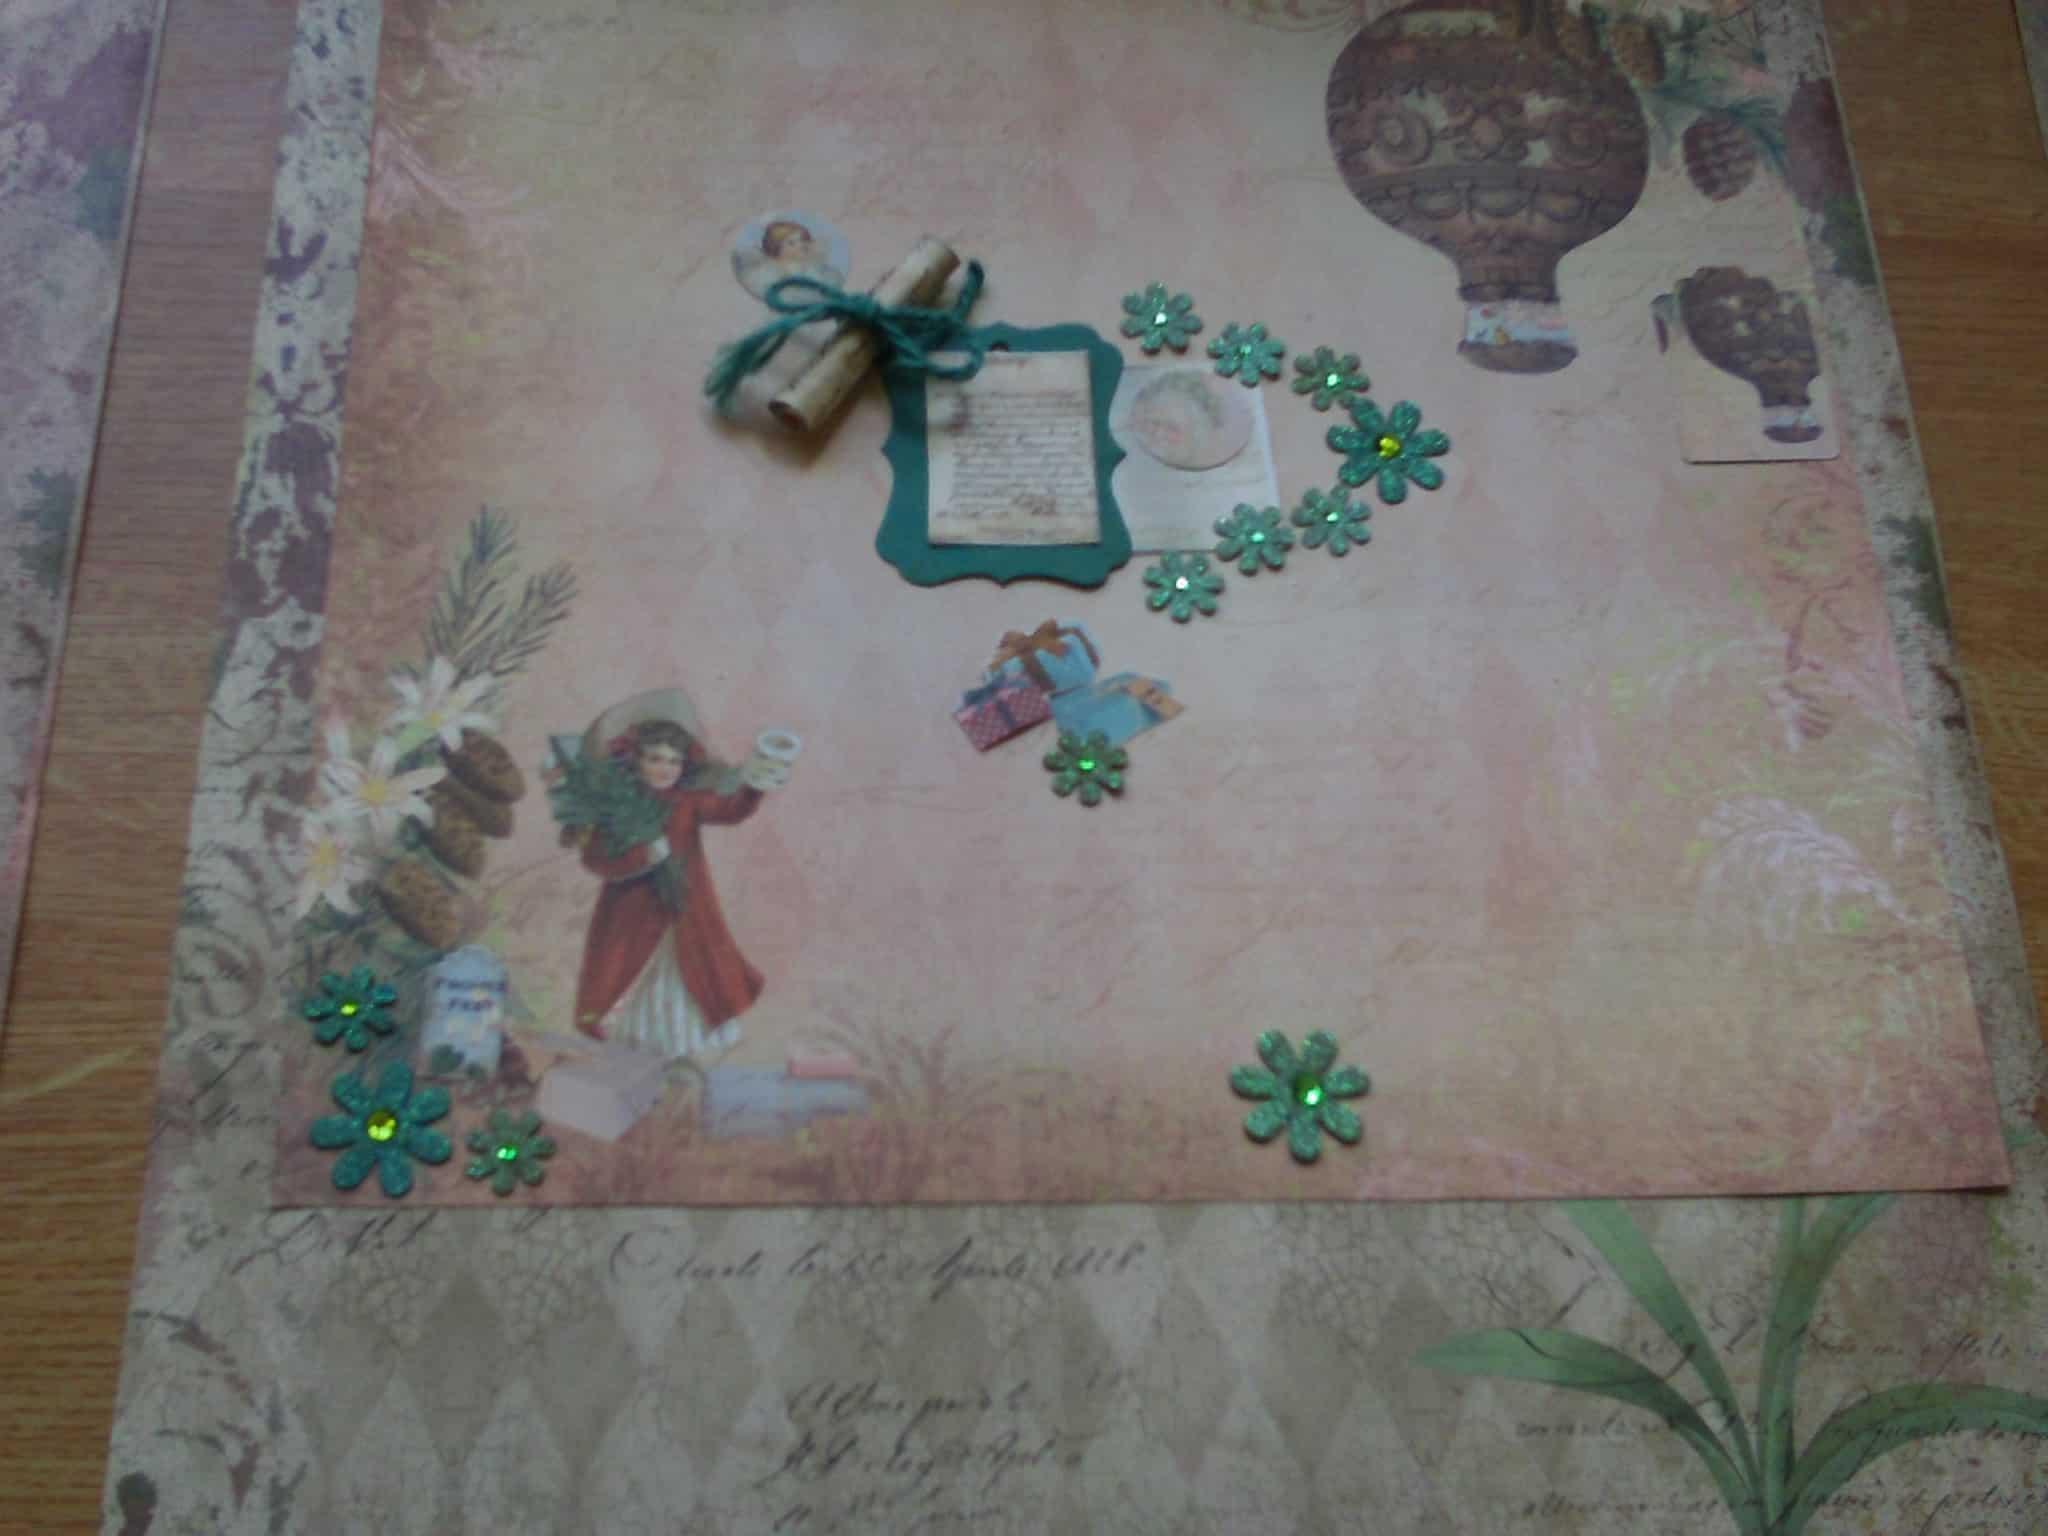 Entzückend Weihnachtsdeko Aus Papier Beste Wahl Decoupage Deko Drinnen Weihnachten